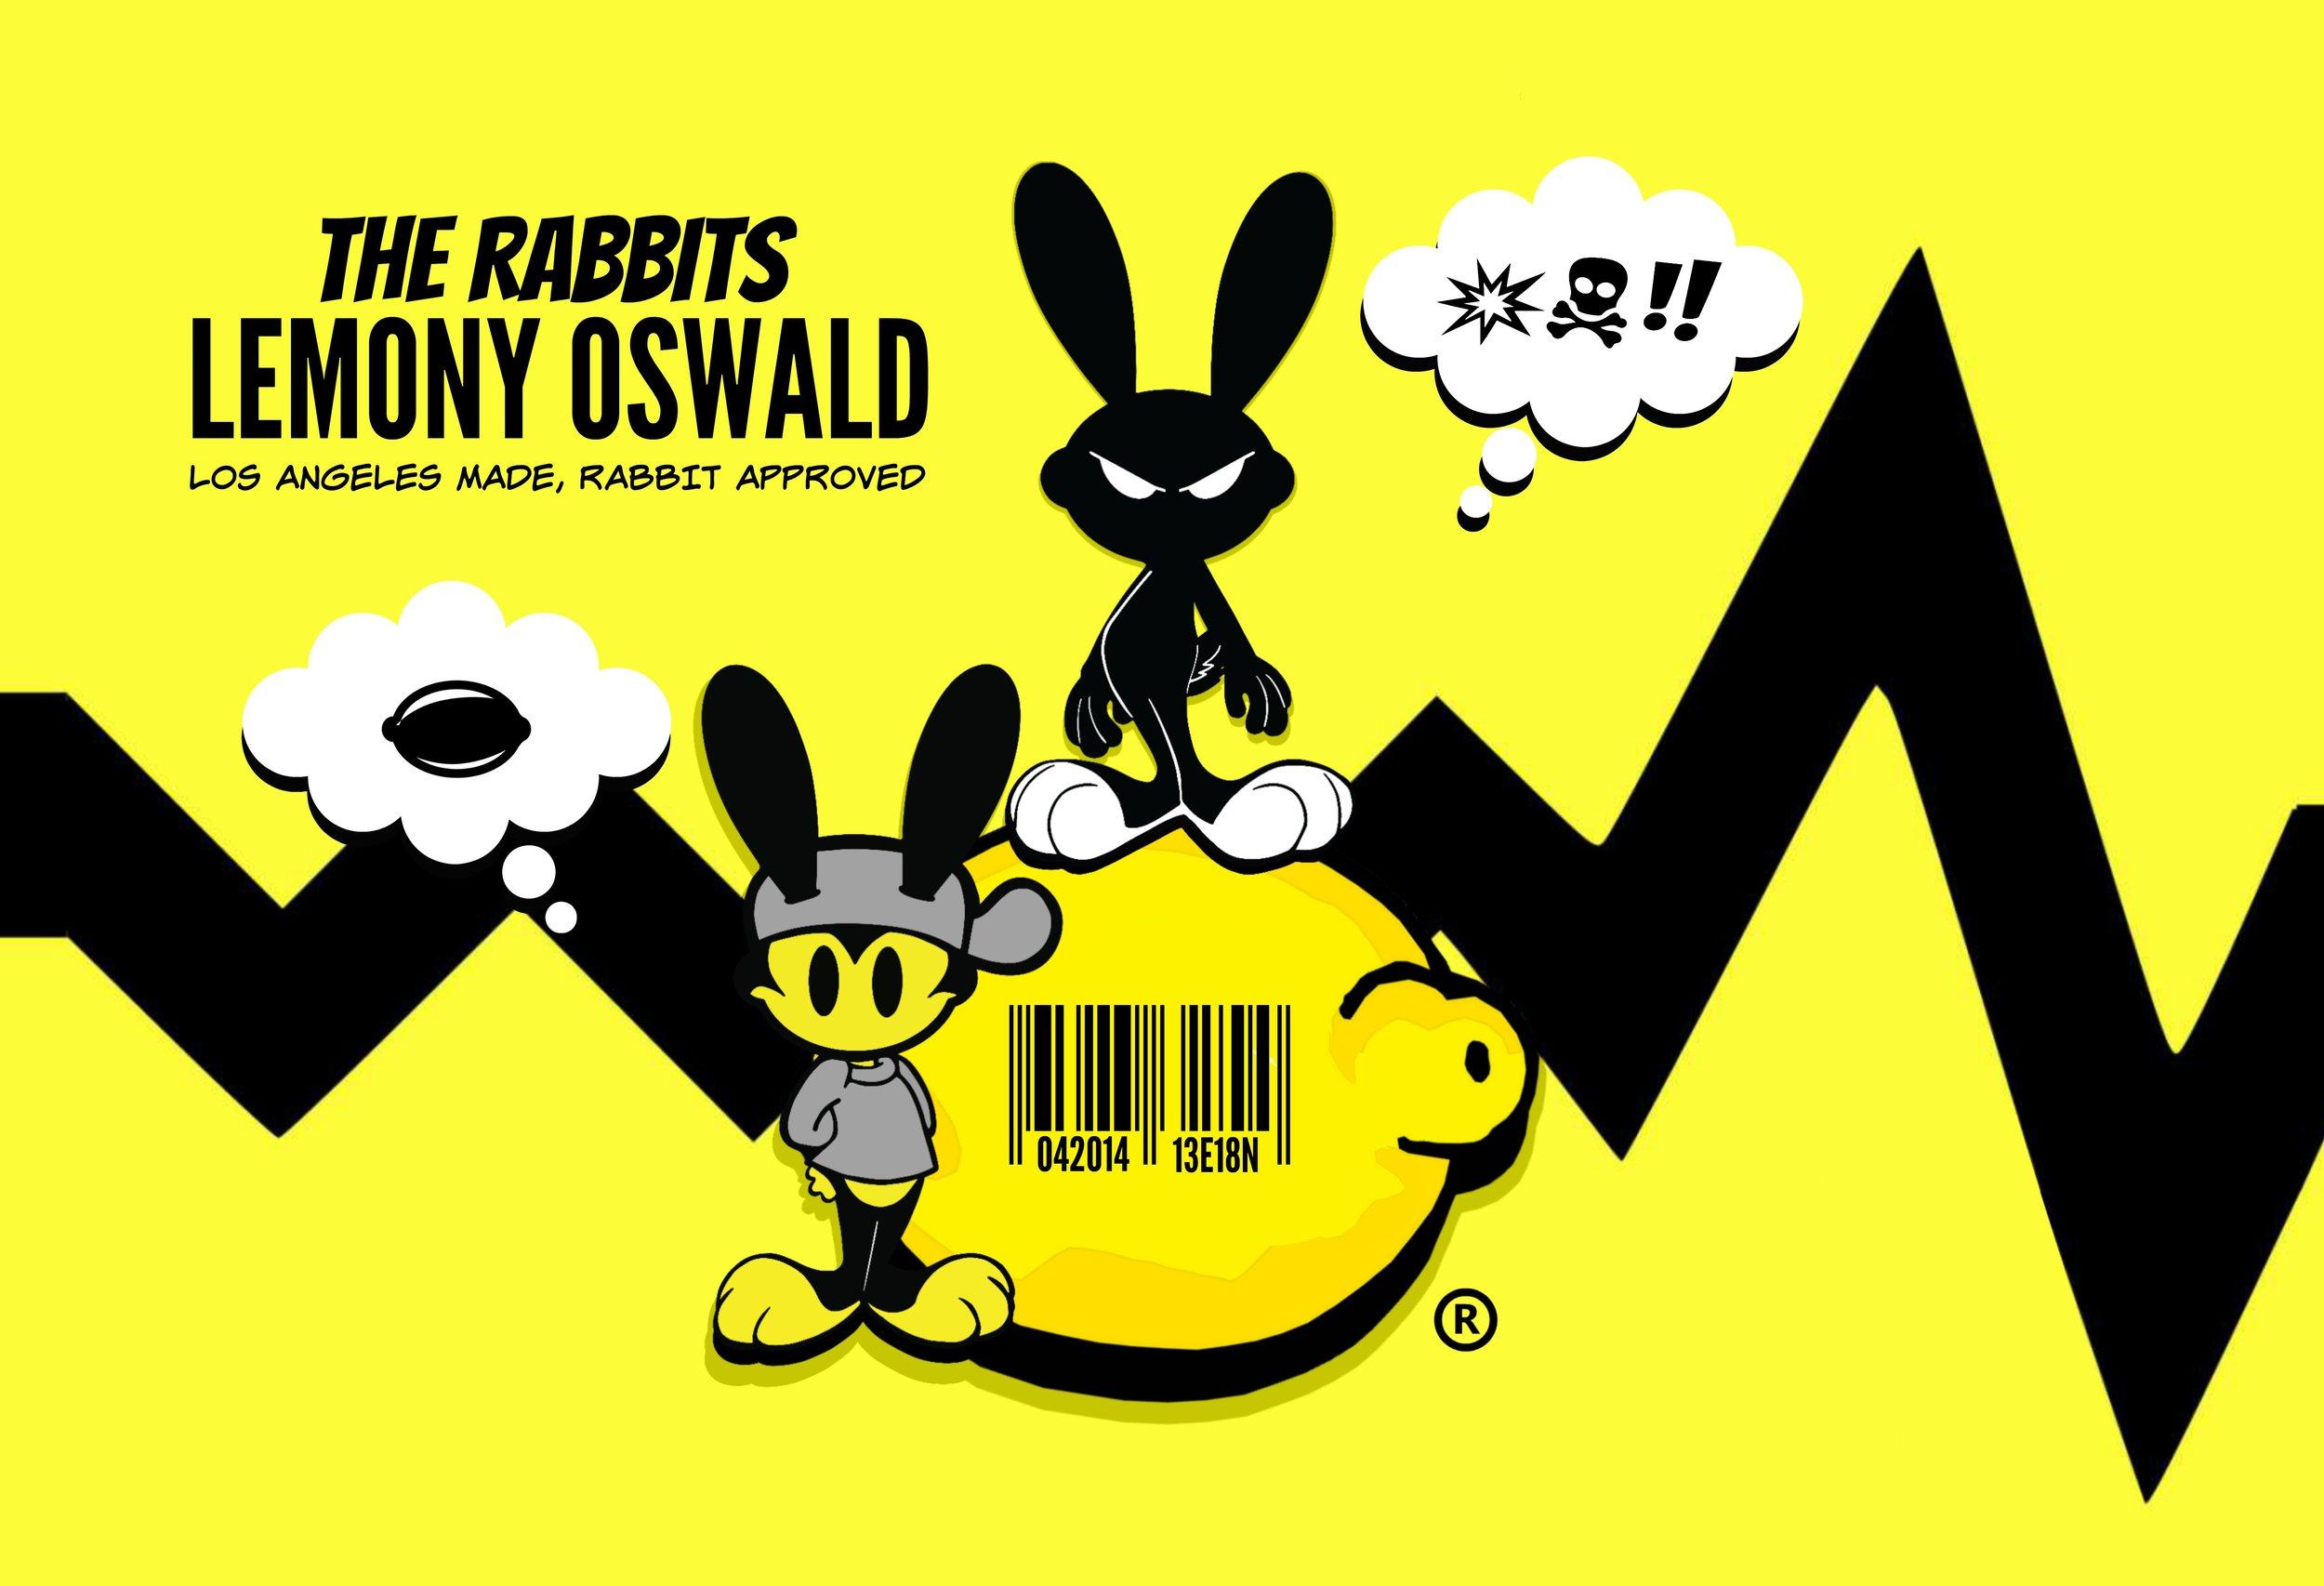 THE RABBITS Lemony Oswald .jpg